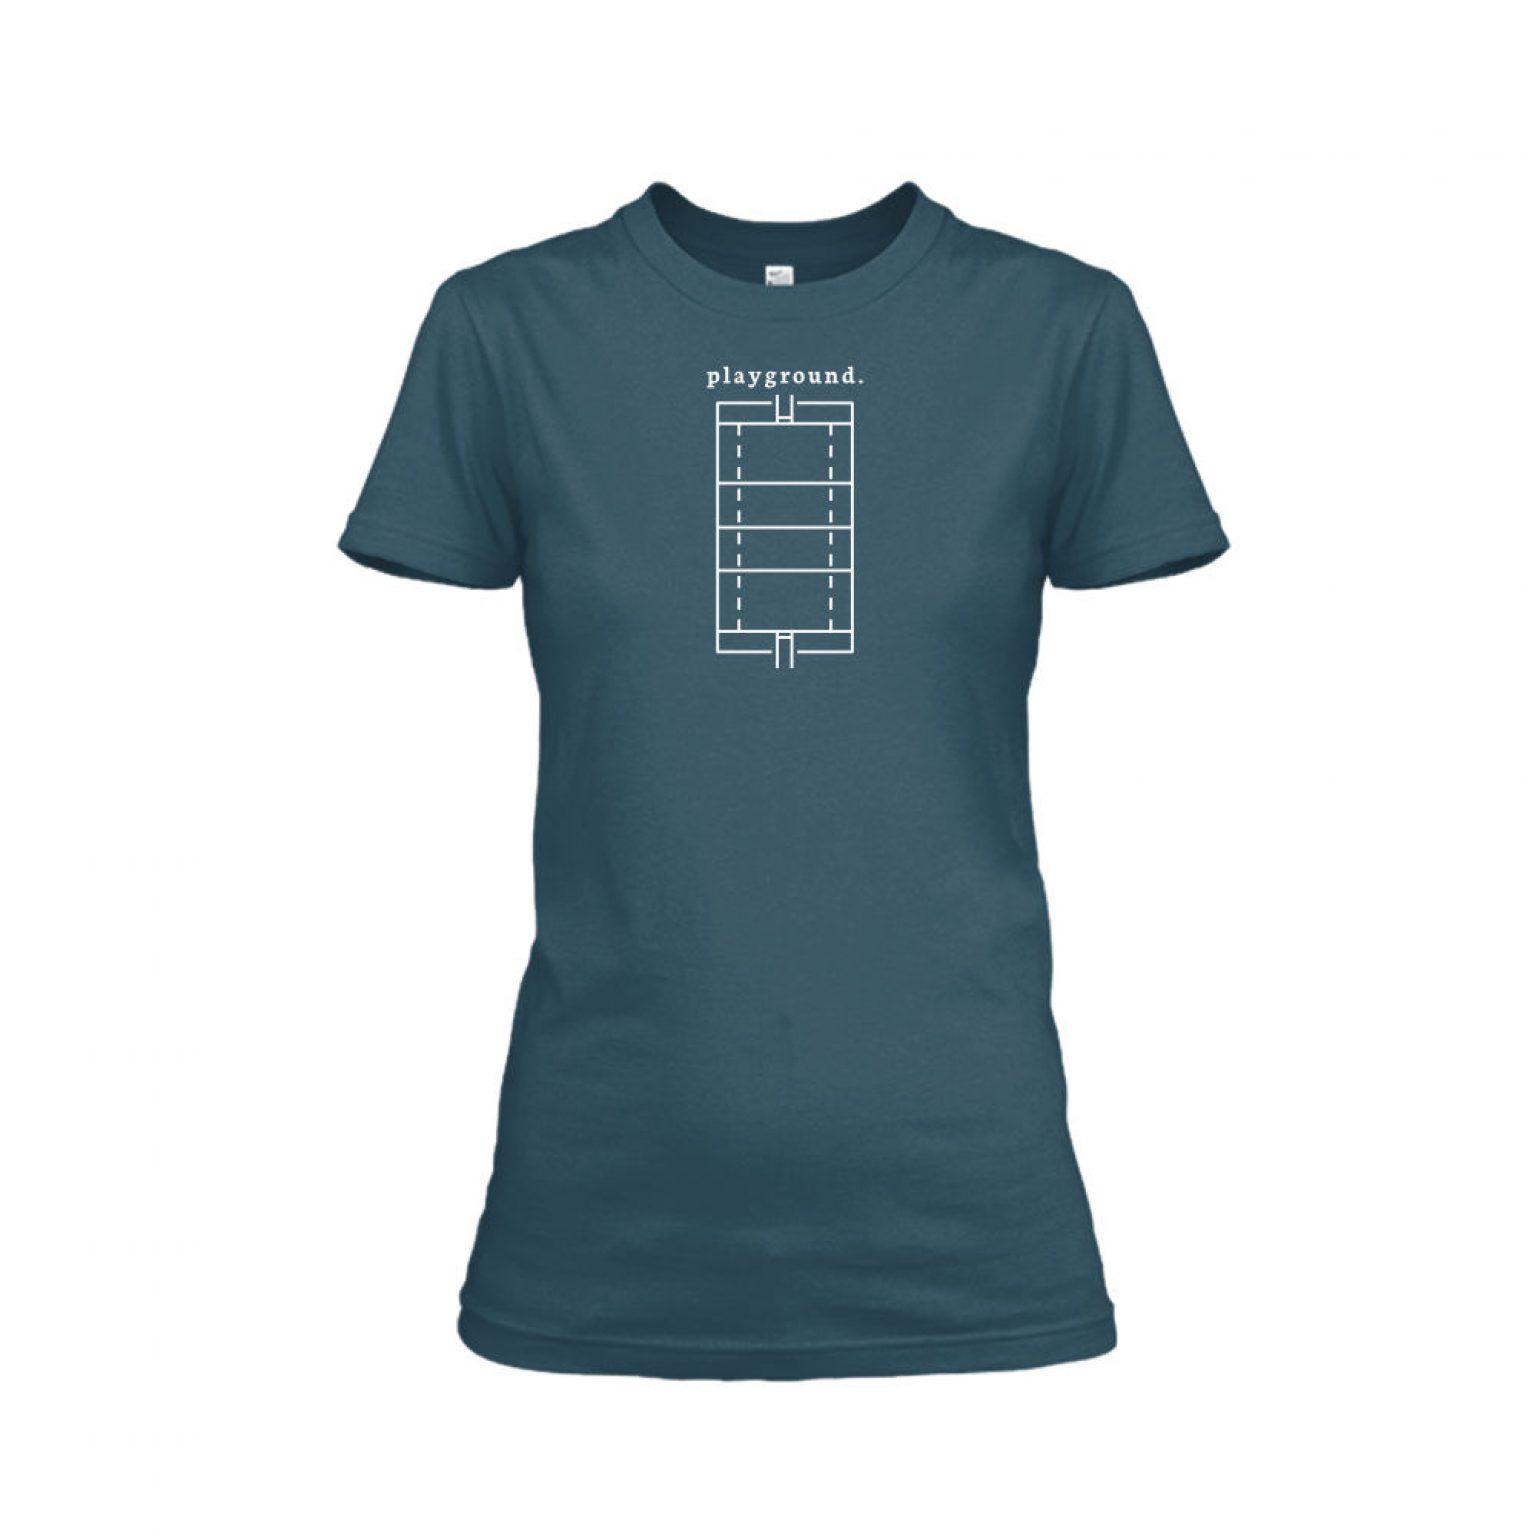 playground shirt damen navy front